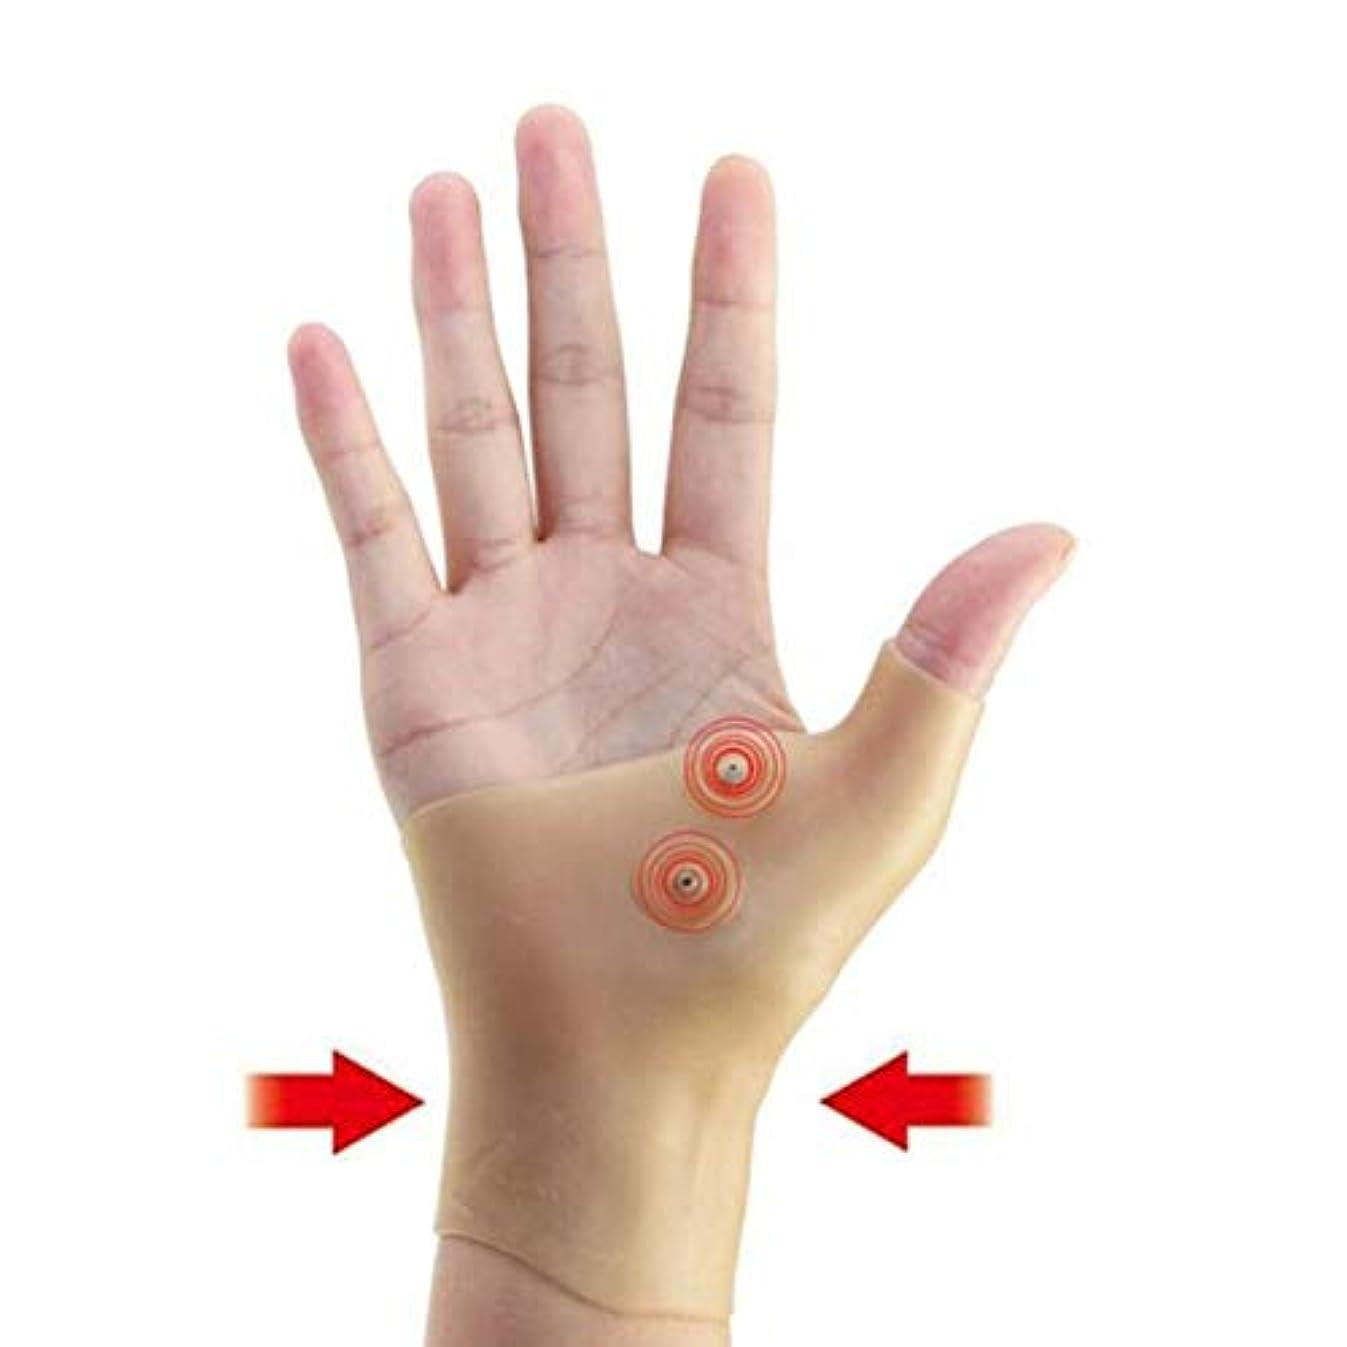 バイオレット事実ワックス磁気療法手首手親指サポート手袋シリコーンゲル関節炎圧力矯正器マッサージ痛み緩和手袋 - 肌の色